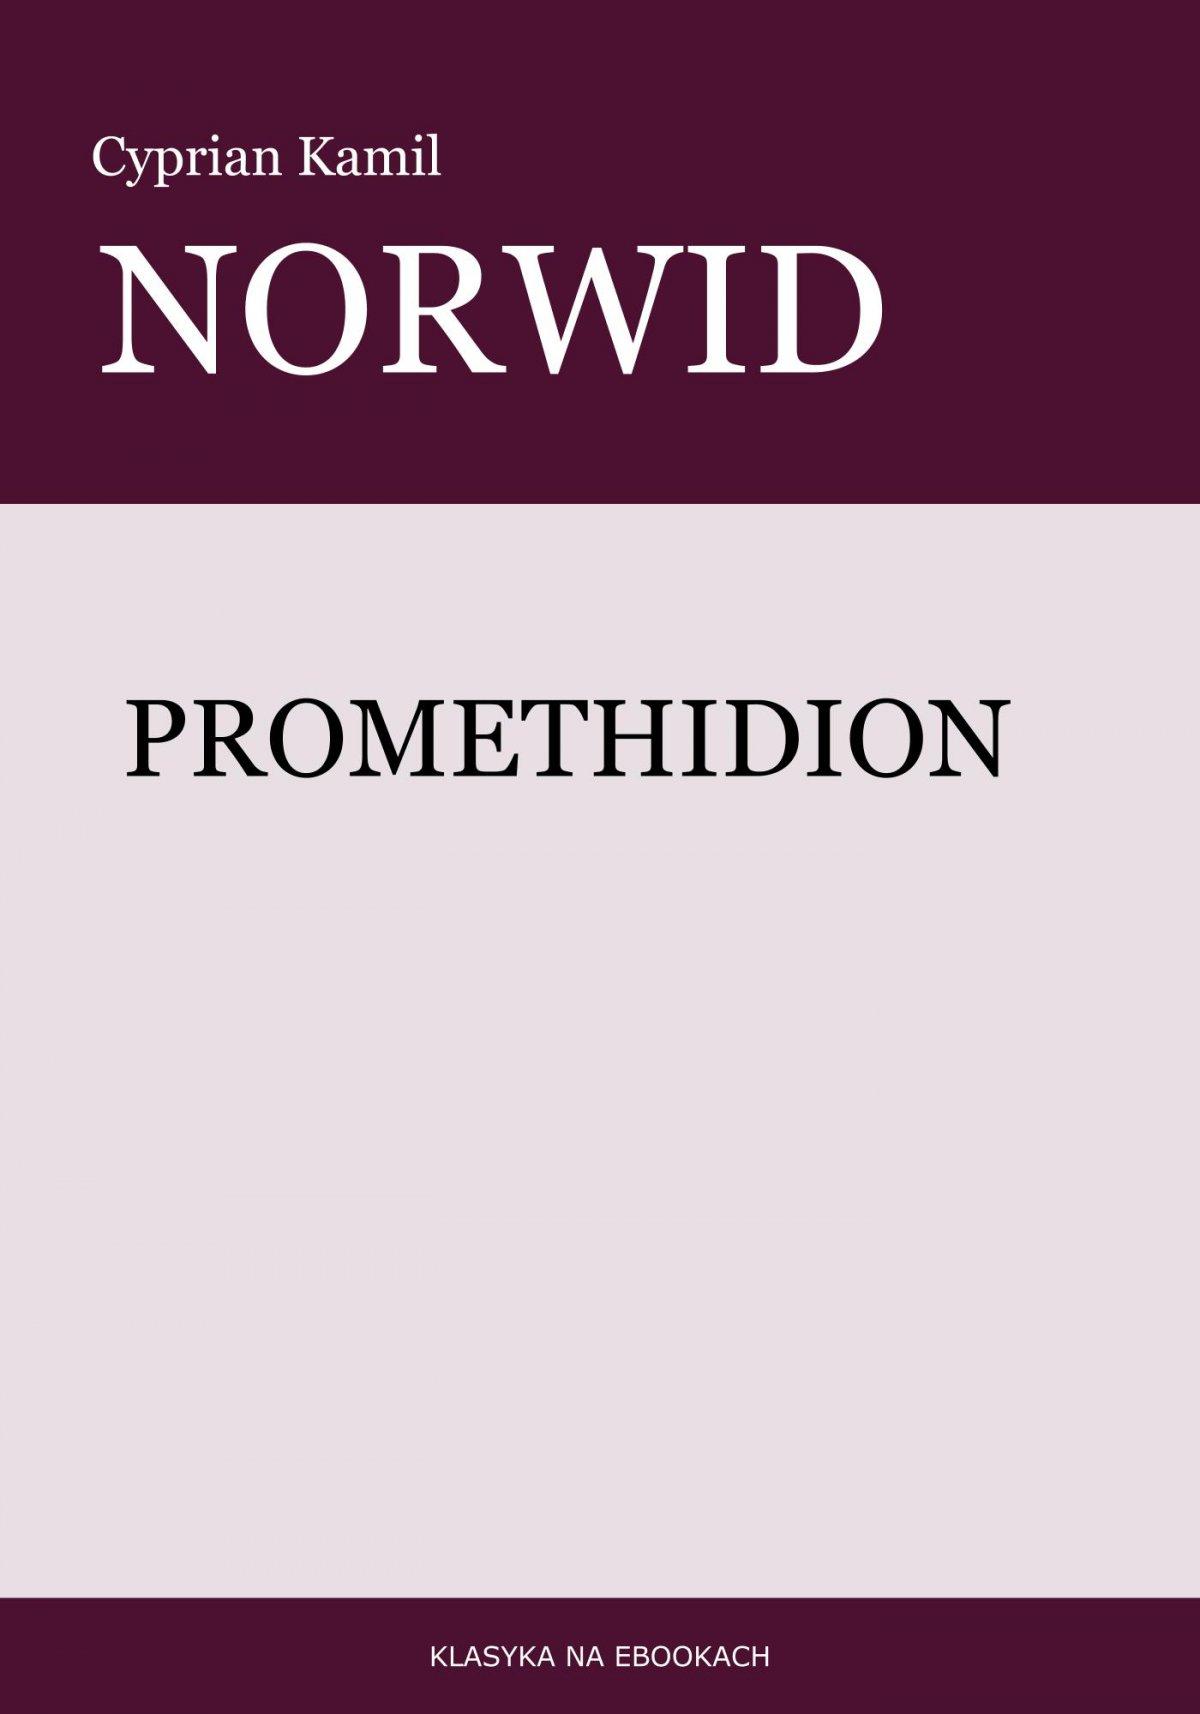 Promethidion - Ebook (Książka EPUB) do pobrania w formacie EPUB